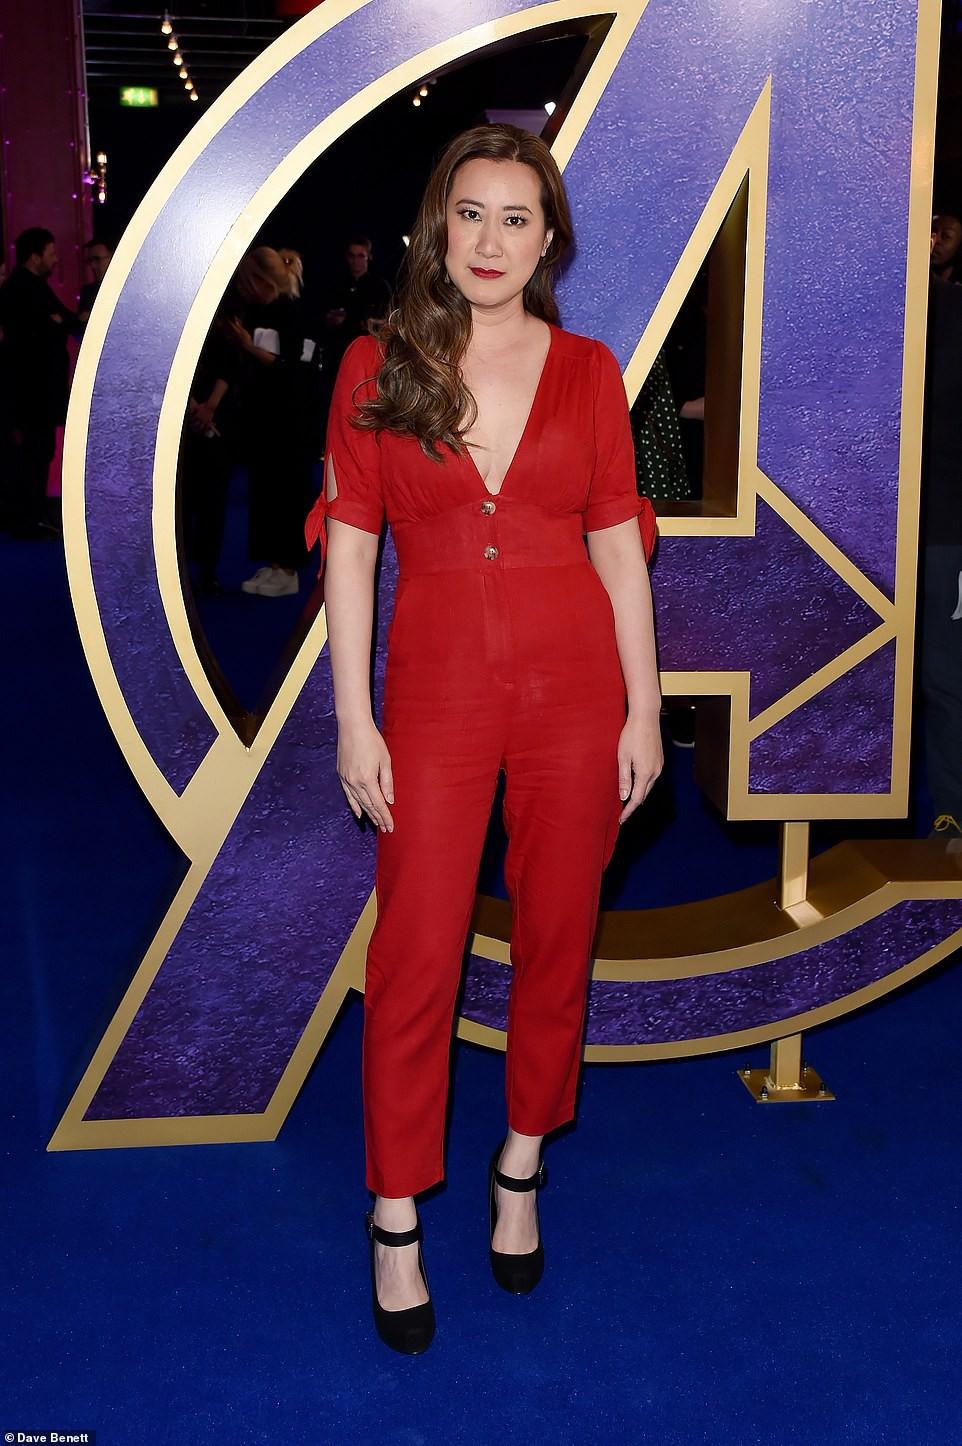 Sự kiện Avengers gây chú ý: Mỹ nhân Scarlett Johansson nơm nớp vì hở quá bạo, liên tục cười tít mắt với Thor - Ảnh 13.